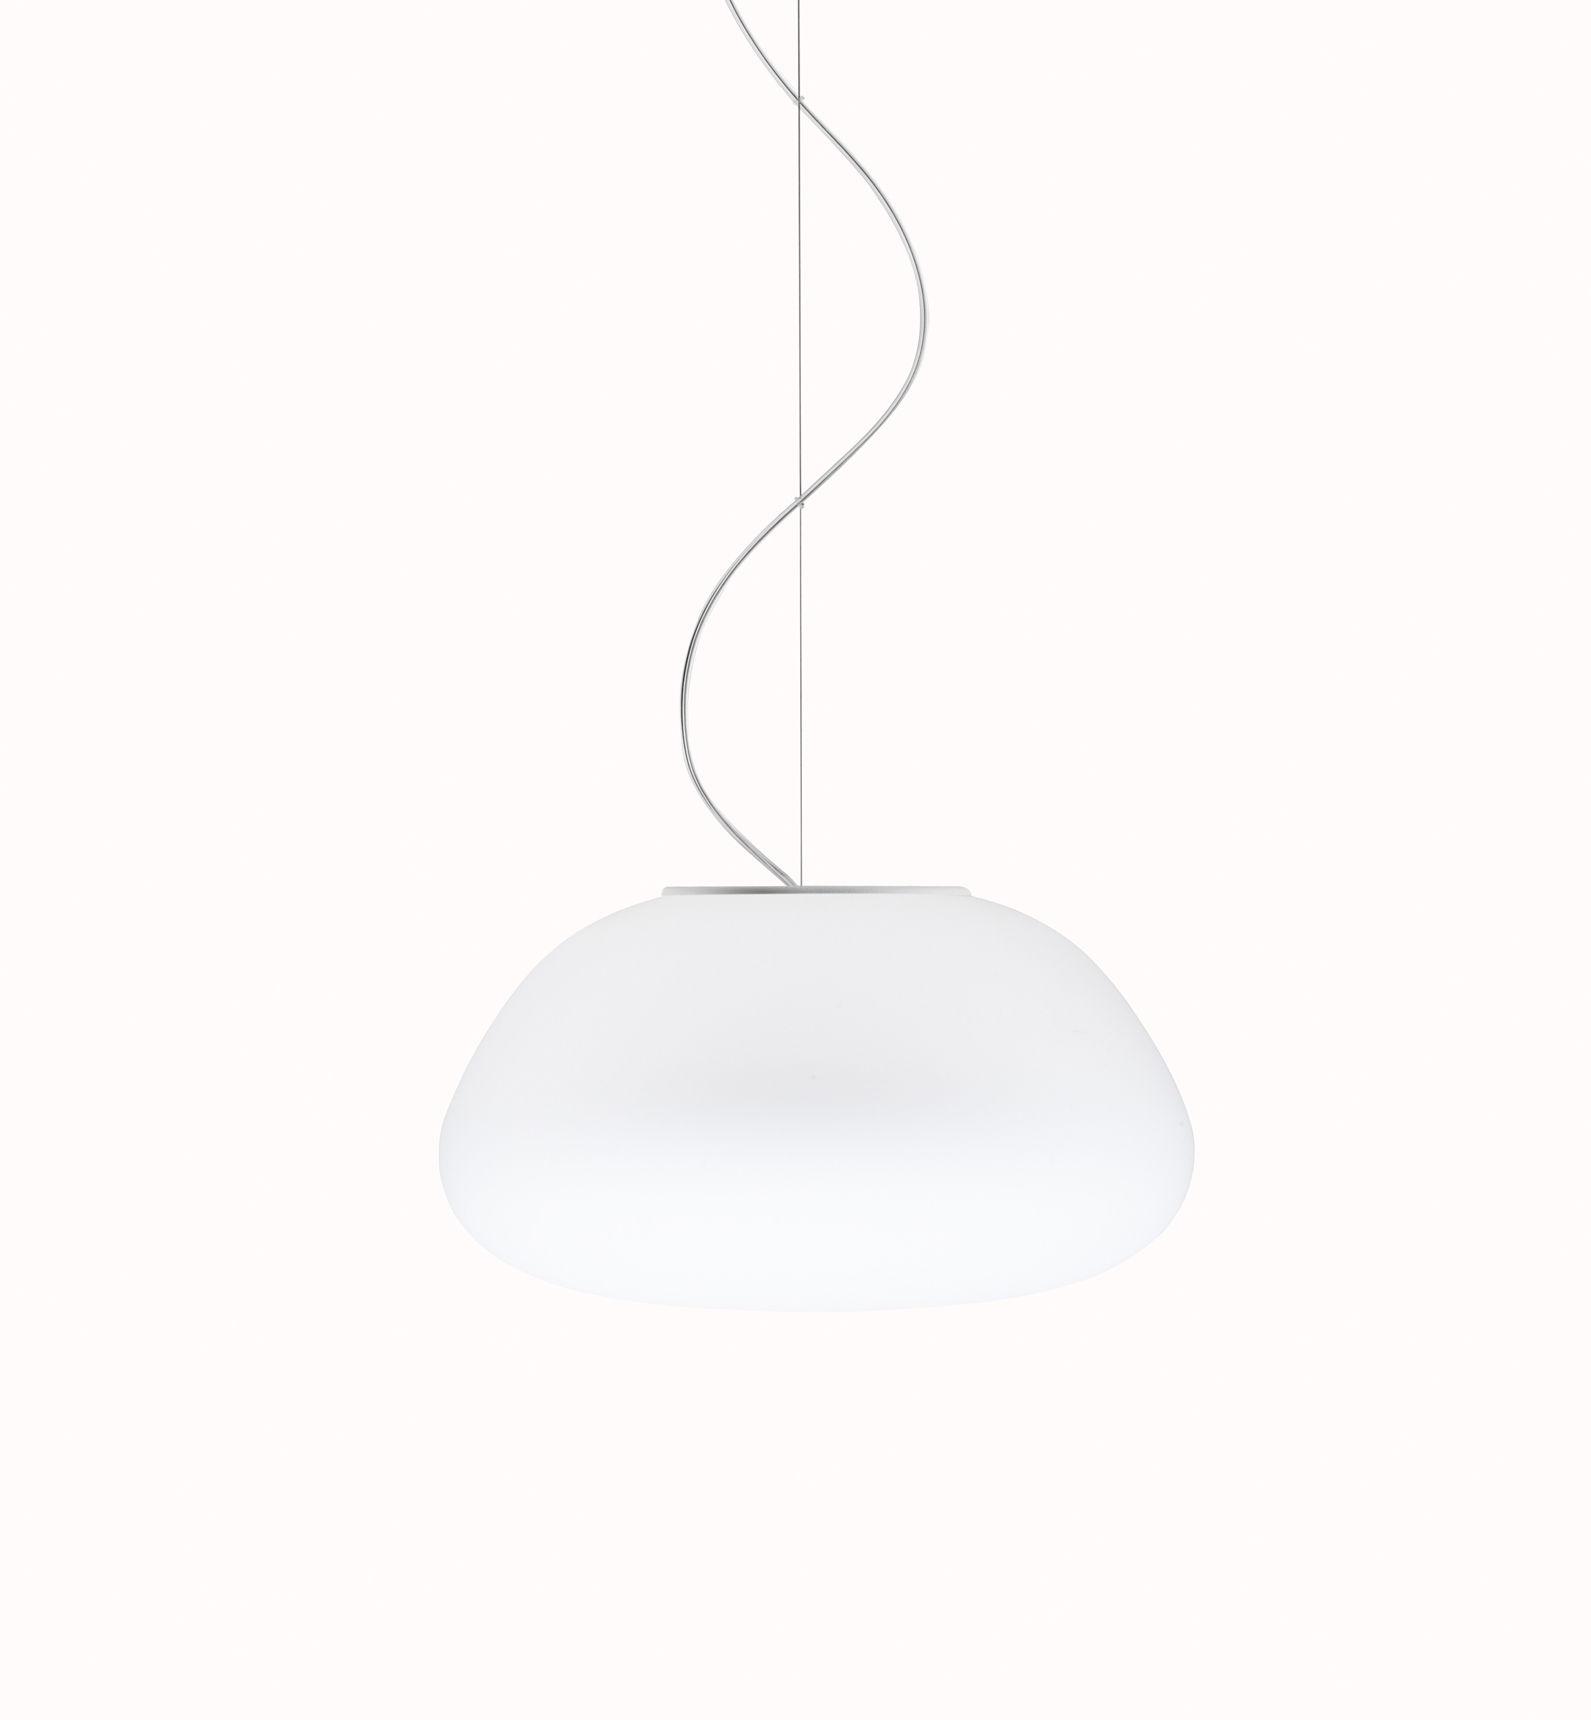 Lighting - Pendant Lighting - Poga Pendant - Ø 42 cm by Fabbian - White - Glass